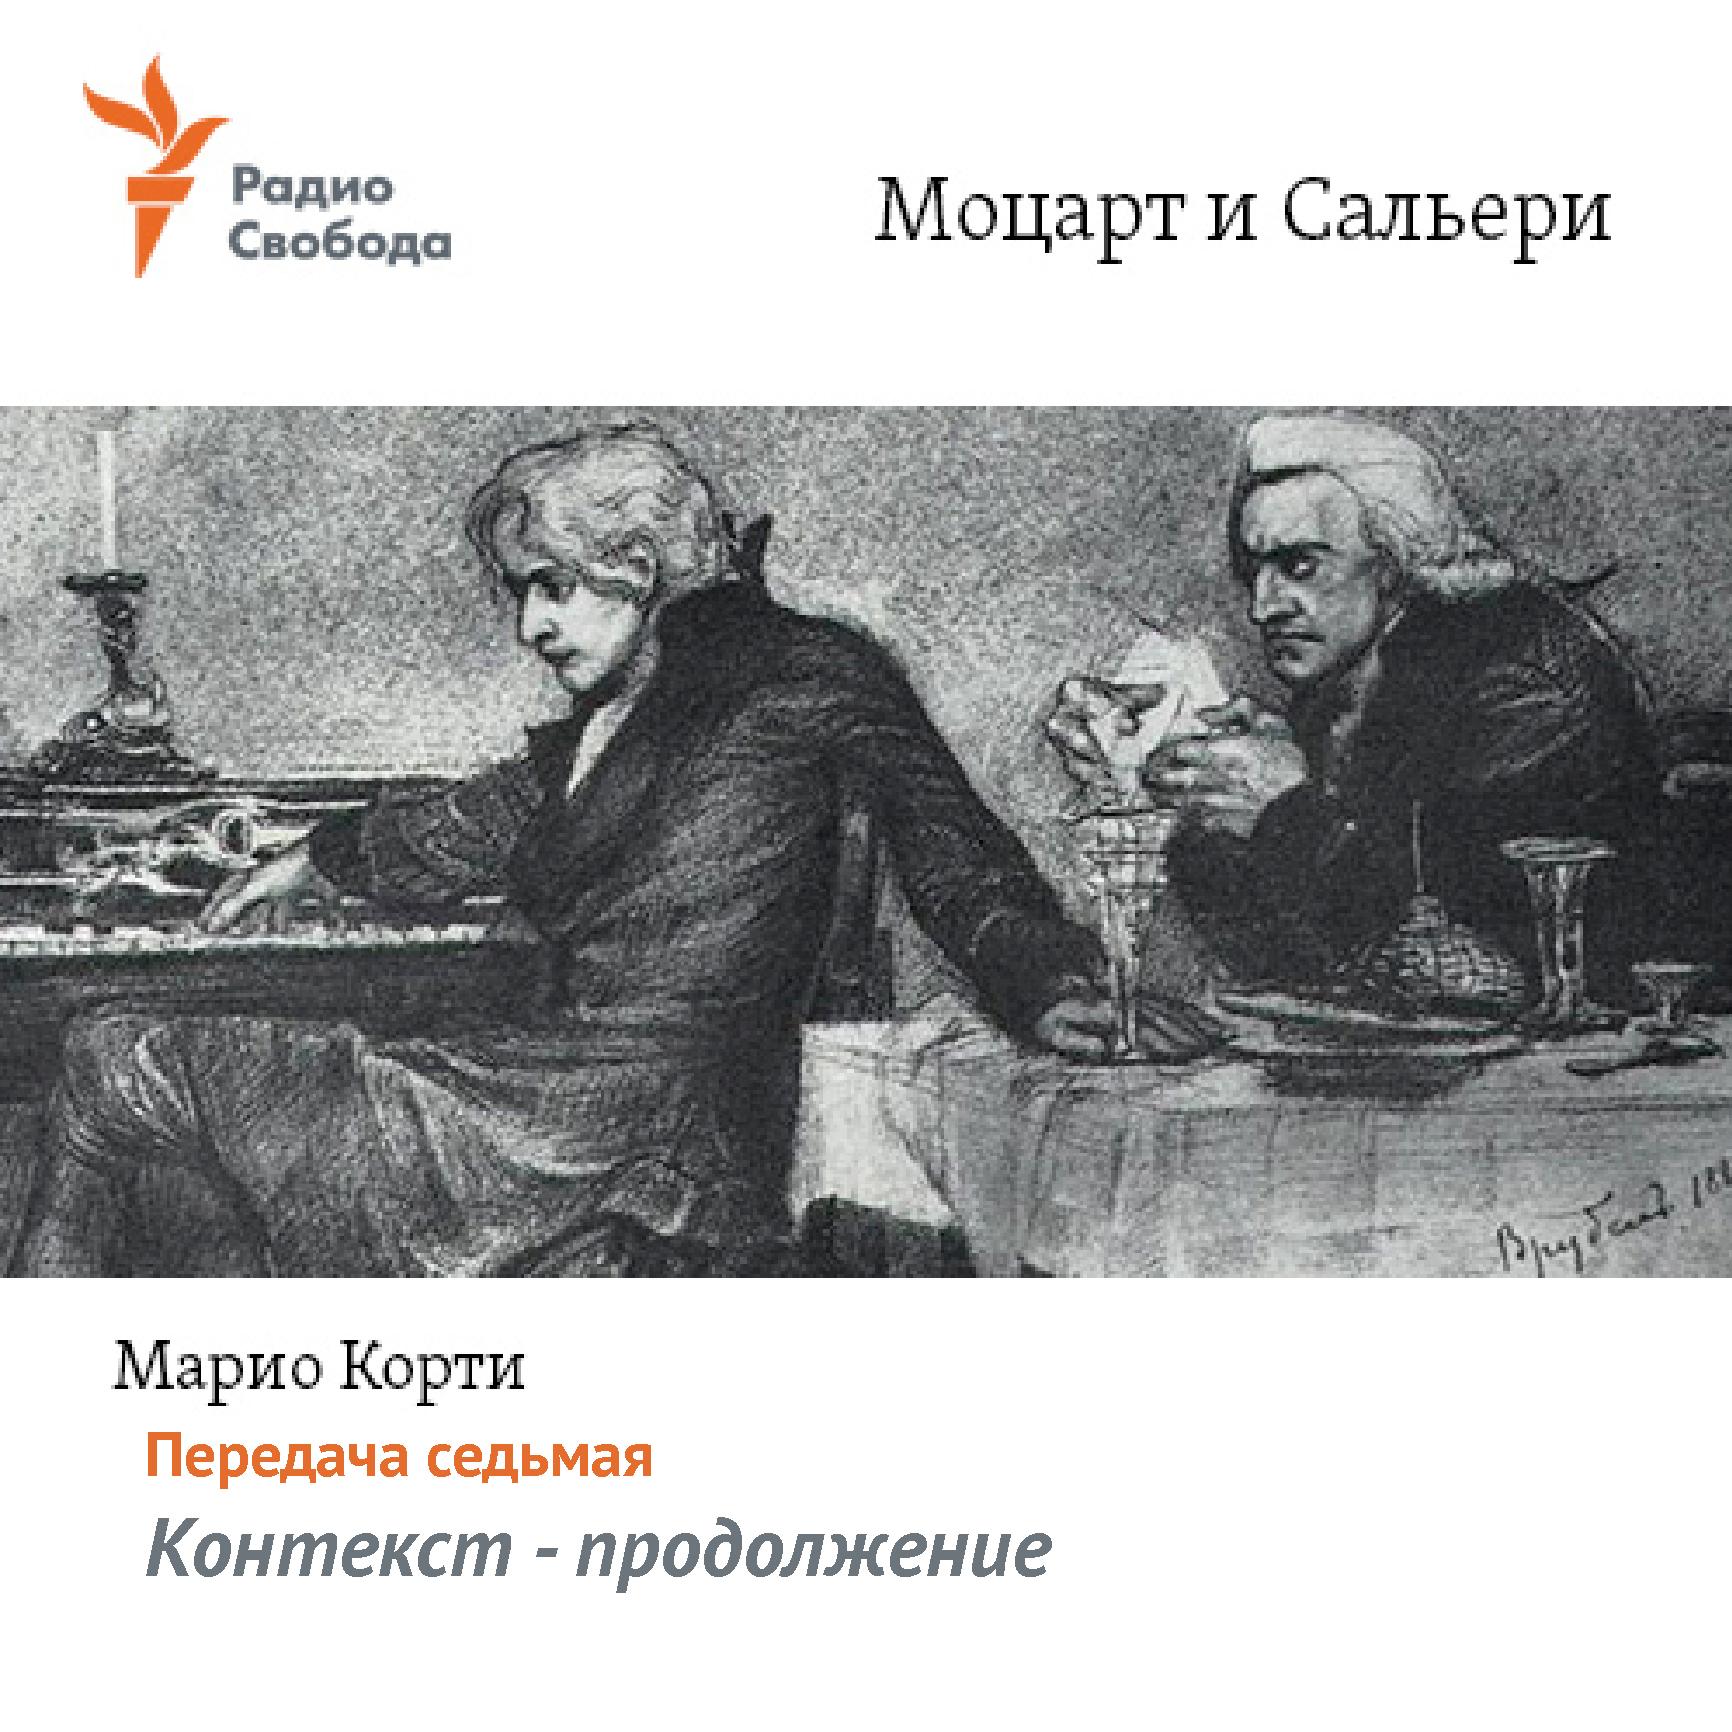 Марио Корти Моцарт и Сальери. Передача седьмая – Контекст – продолжение все цены